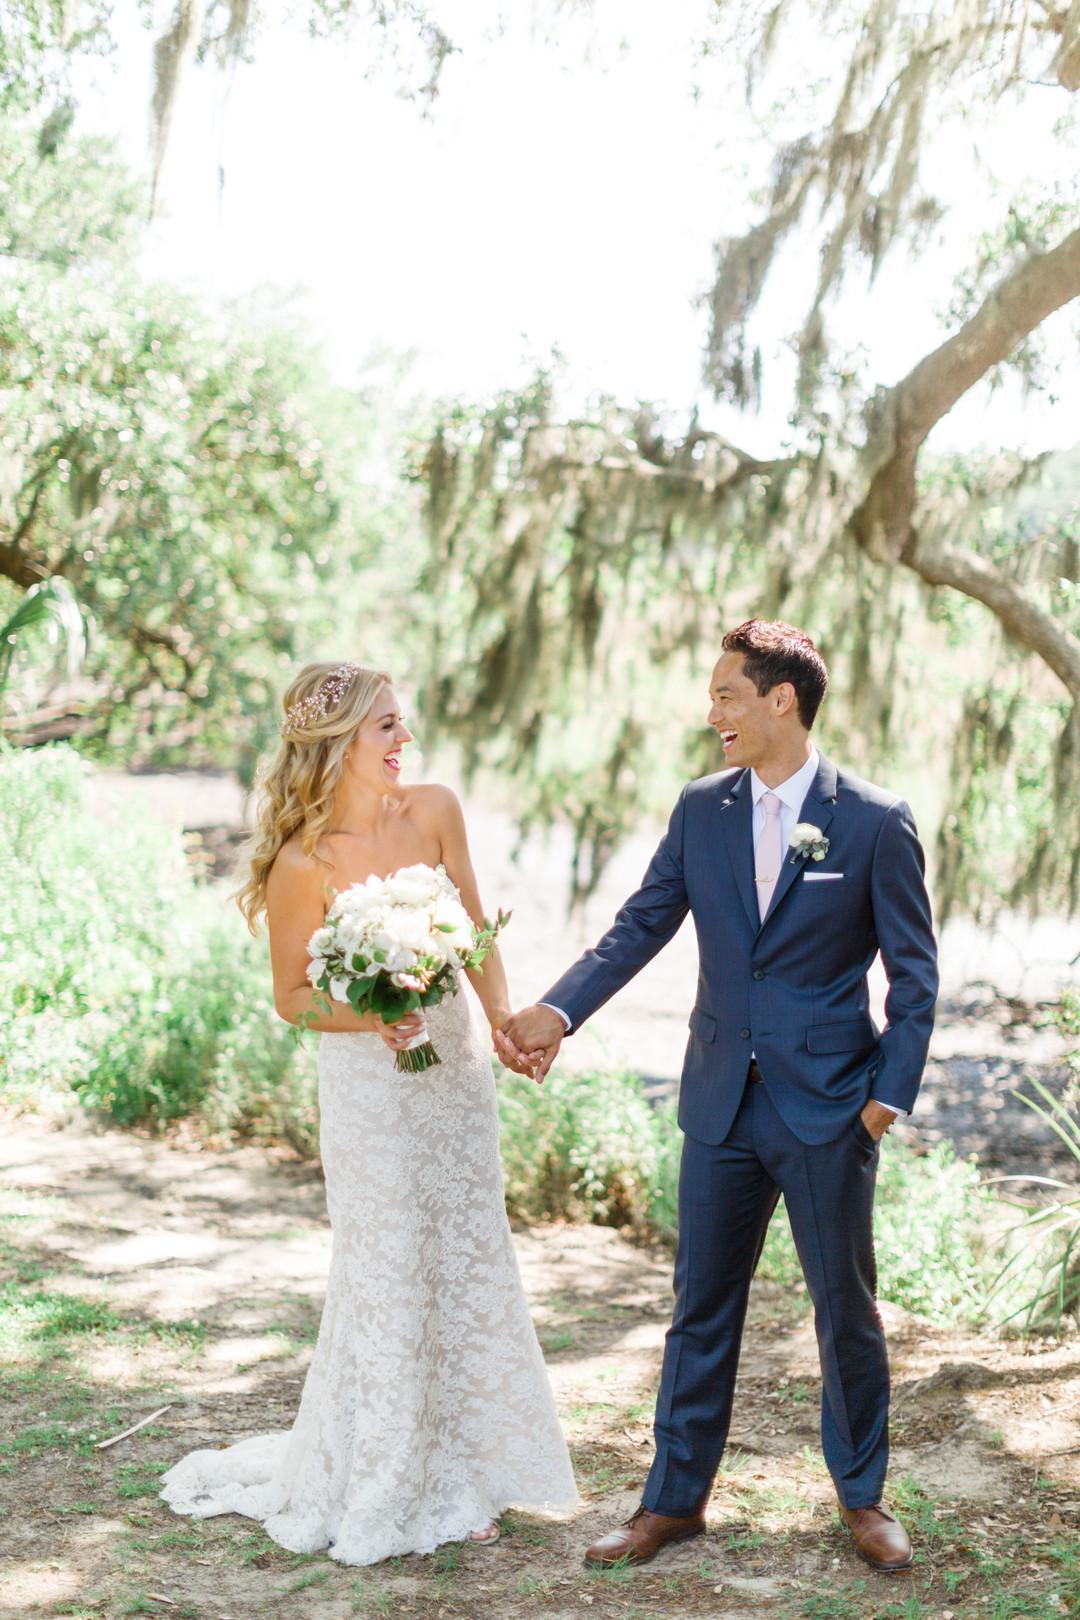 boone-hall-plantation-wedding-51.jpg